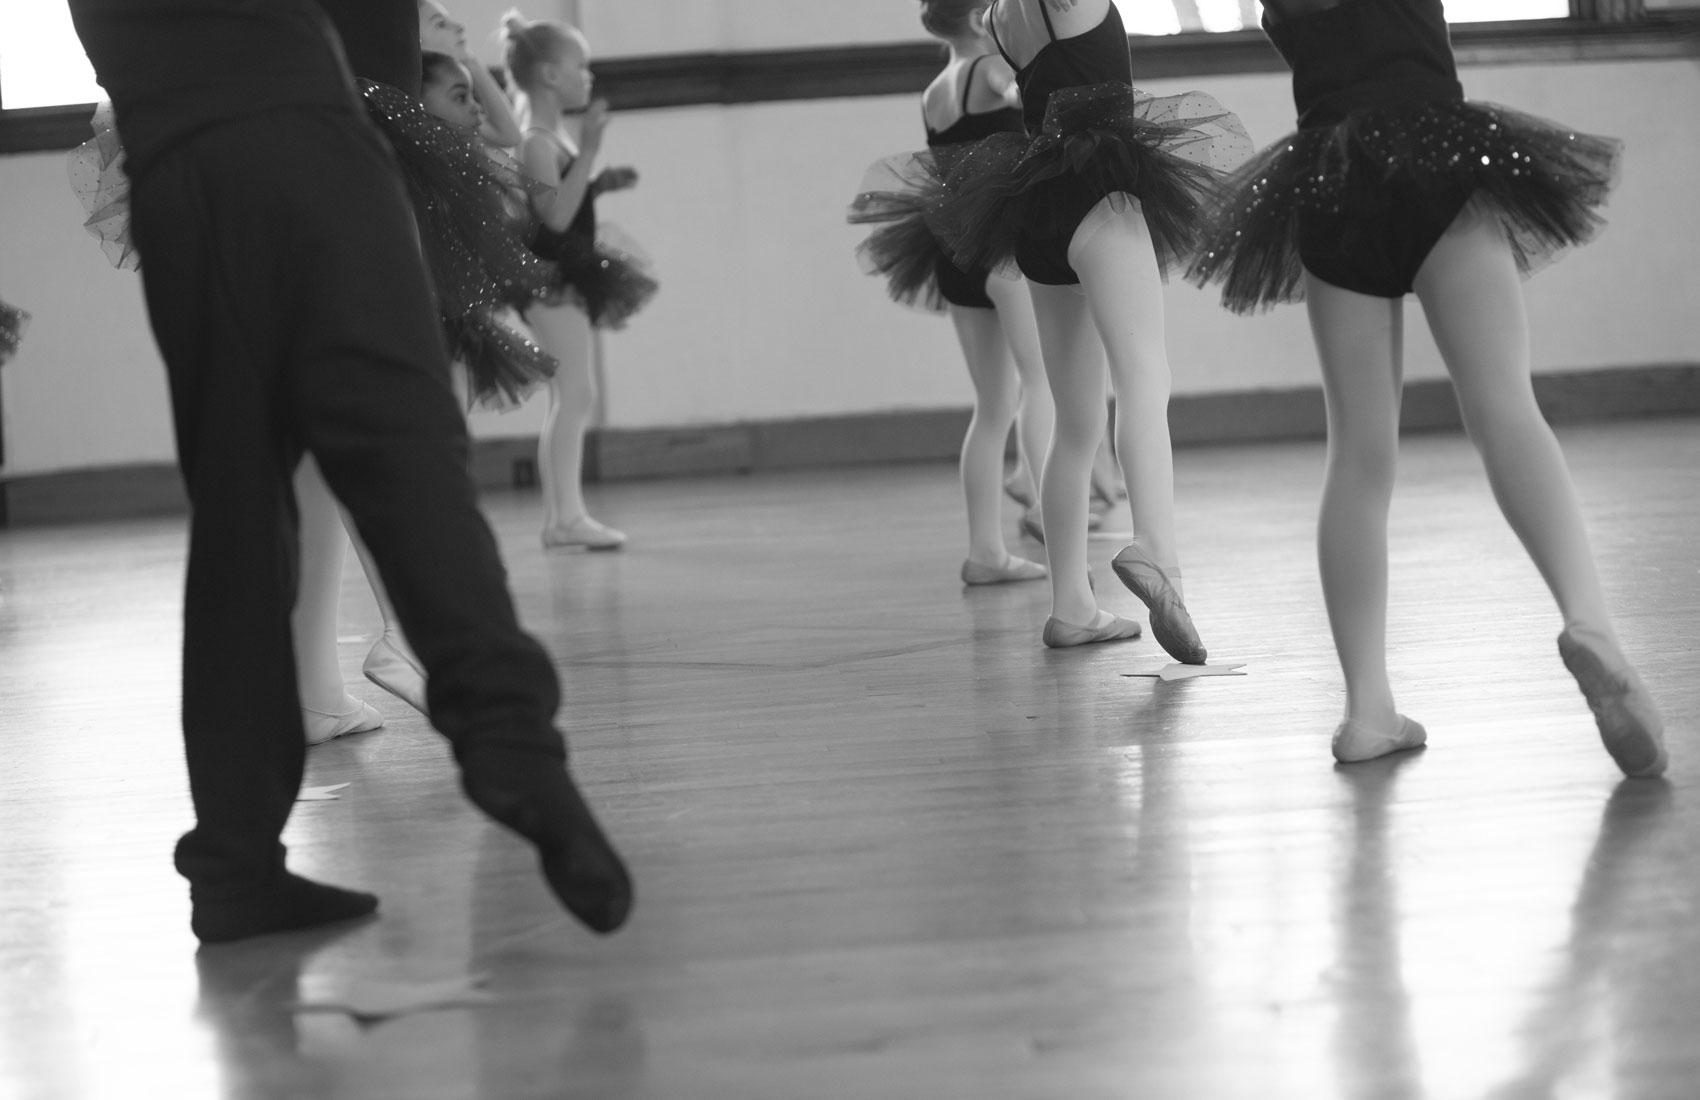 Dancing feet in action